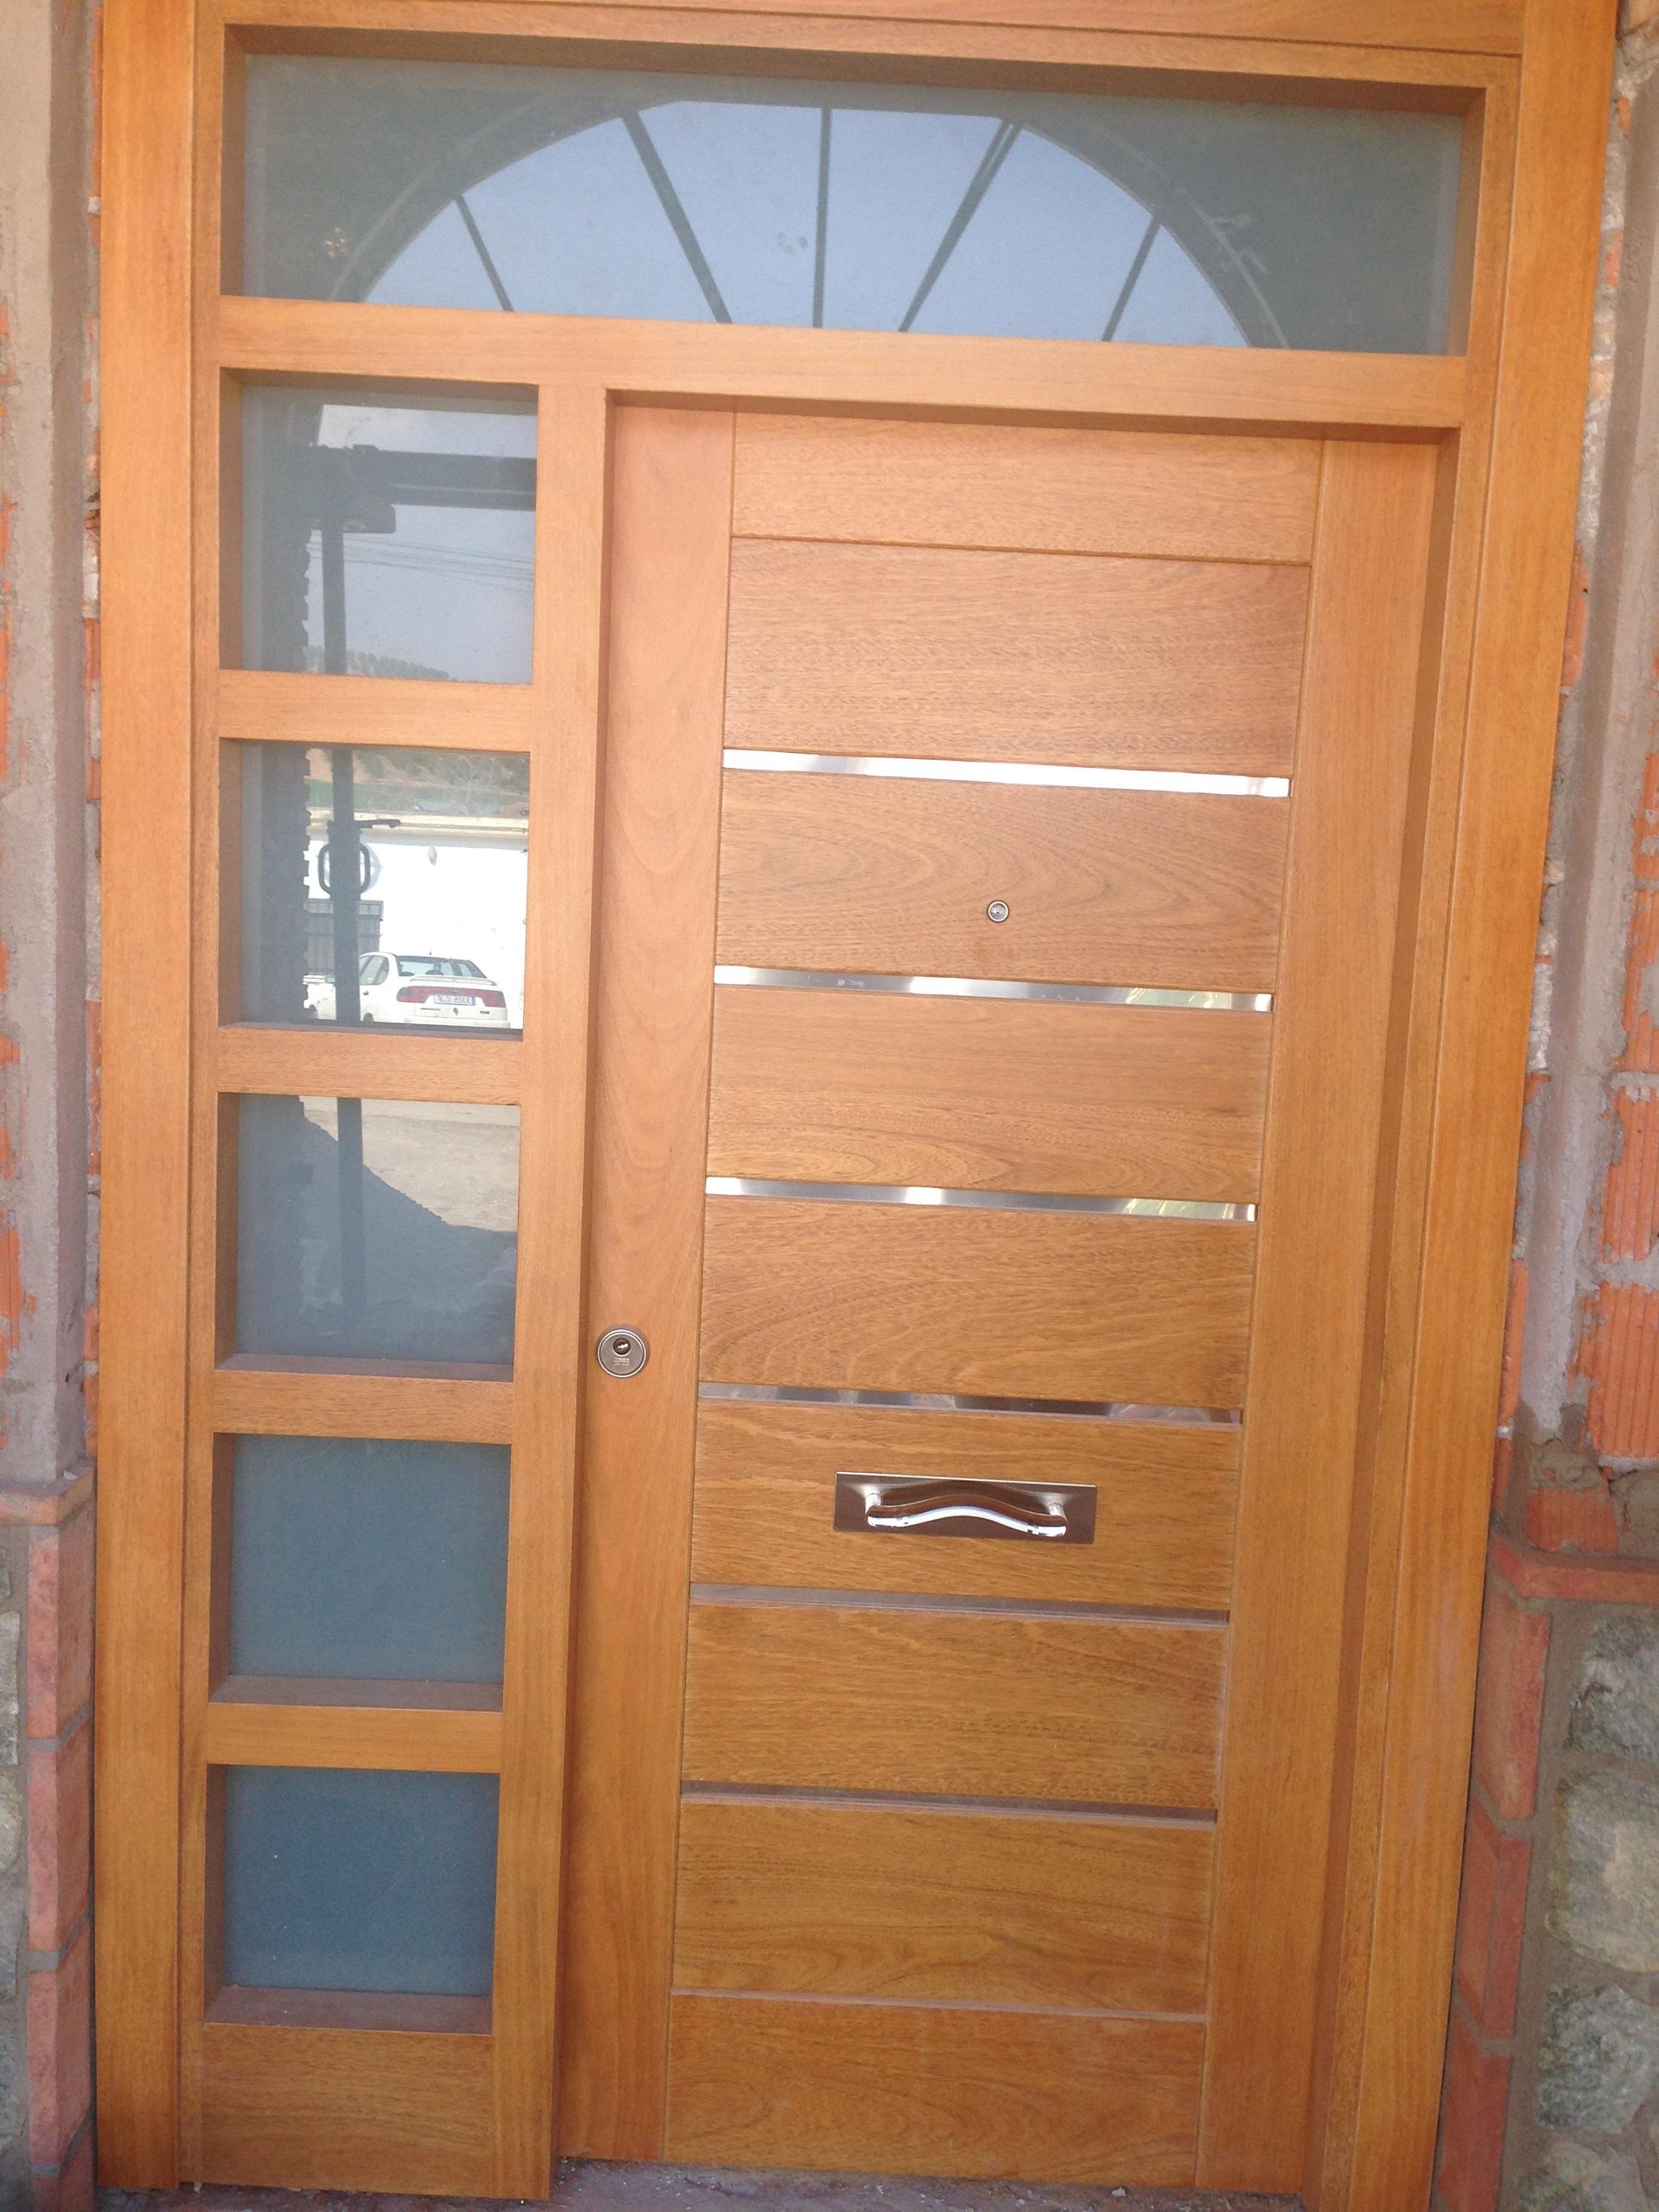 Carpinteria granada puertas armarios tarimas movidecor - Puertas blindadas a medida ...